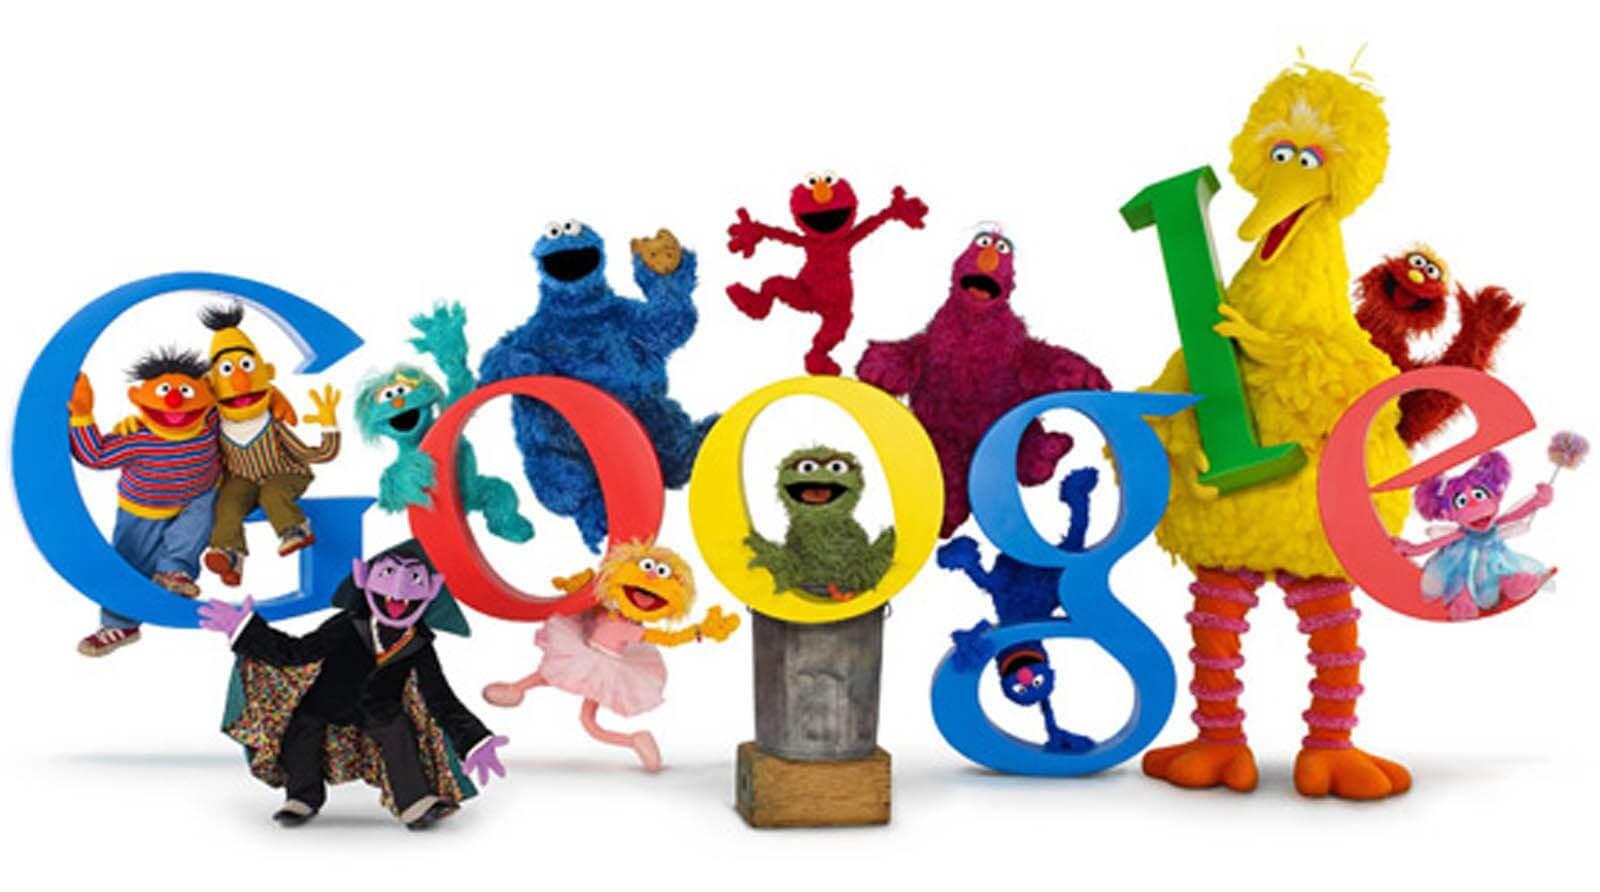 Descubrimos como ordena Google los resultados de búsqueda.